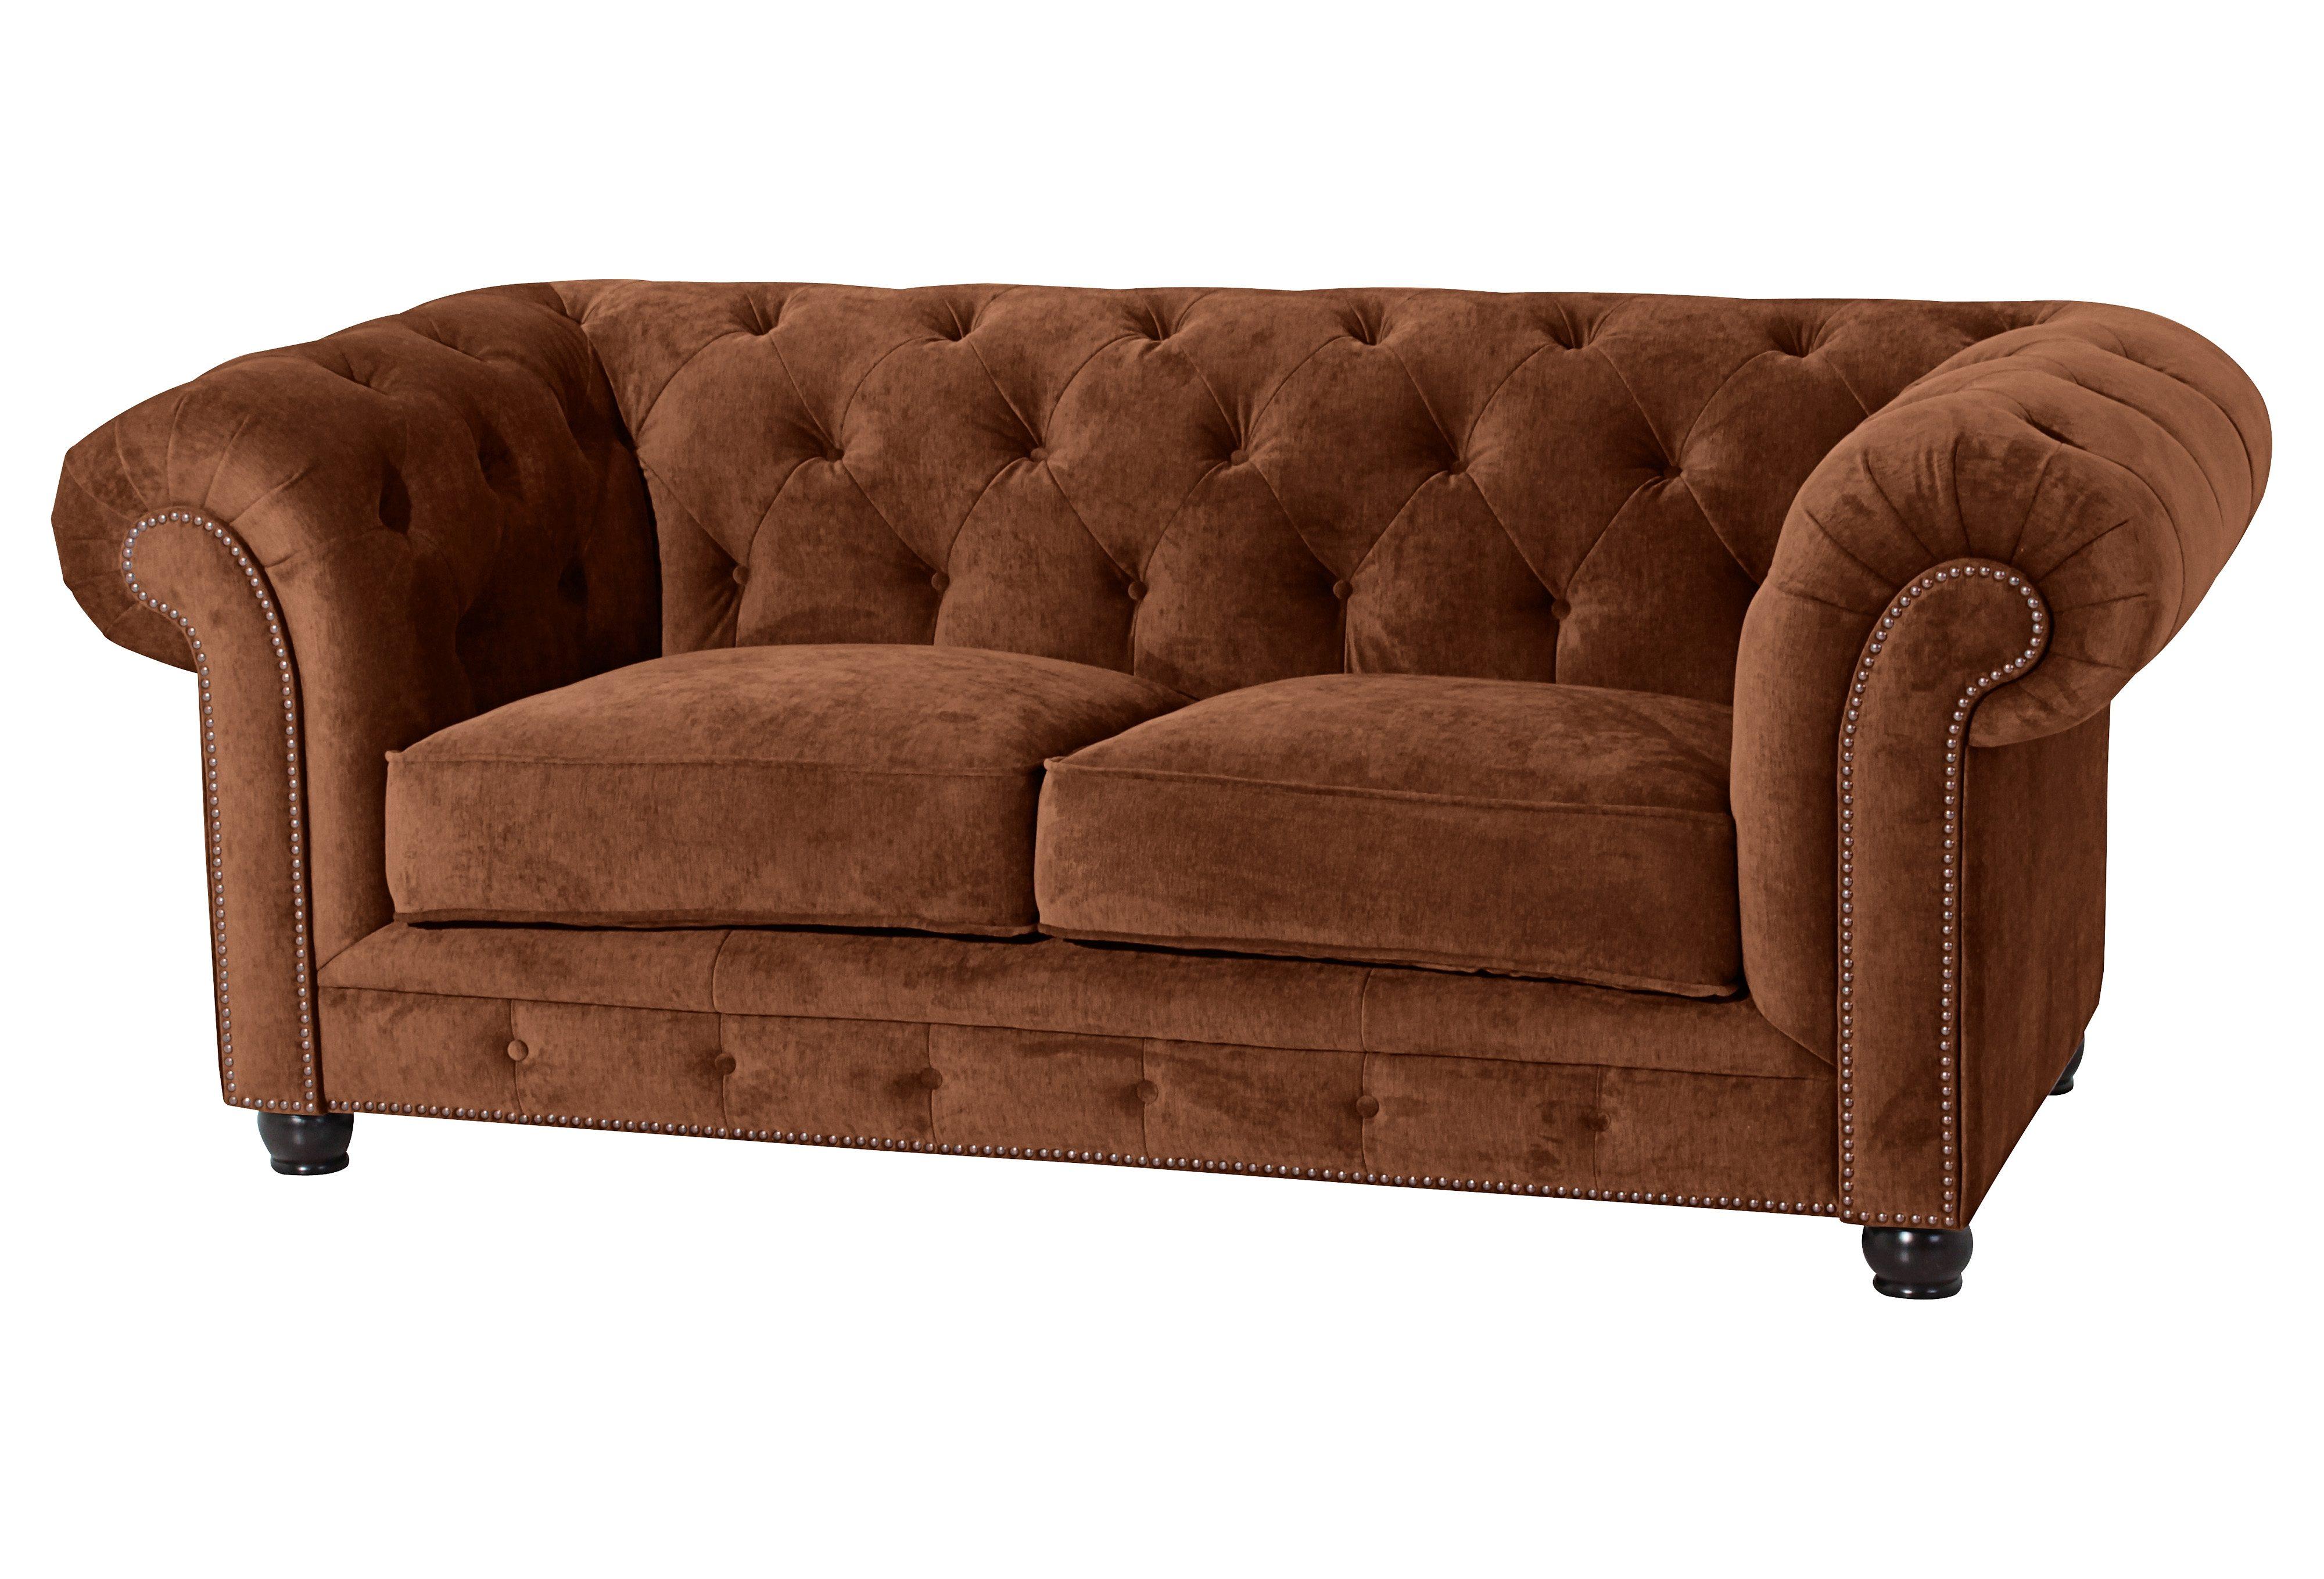 Max Winzer Sofa Old England Kaufen Baur